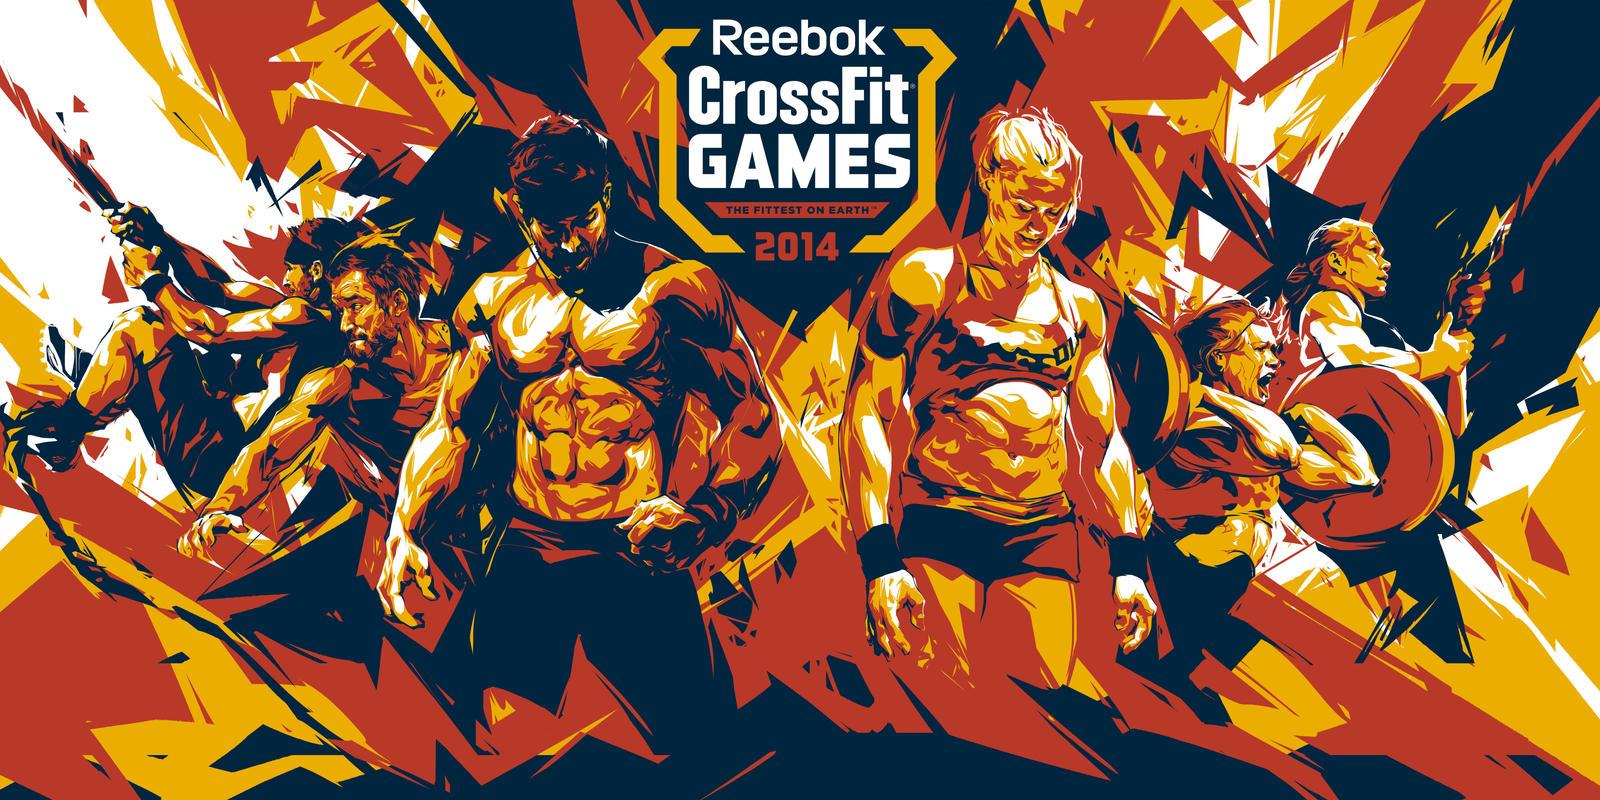 Reebok crossfit posters